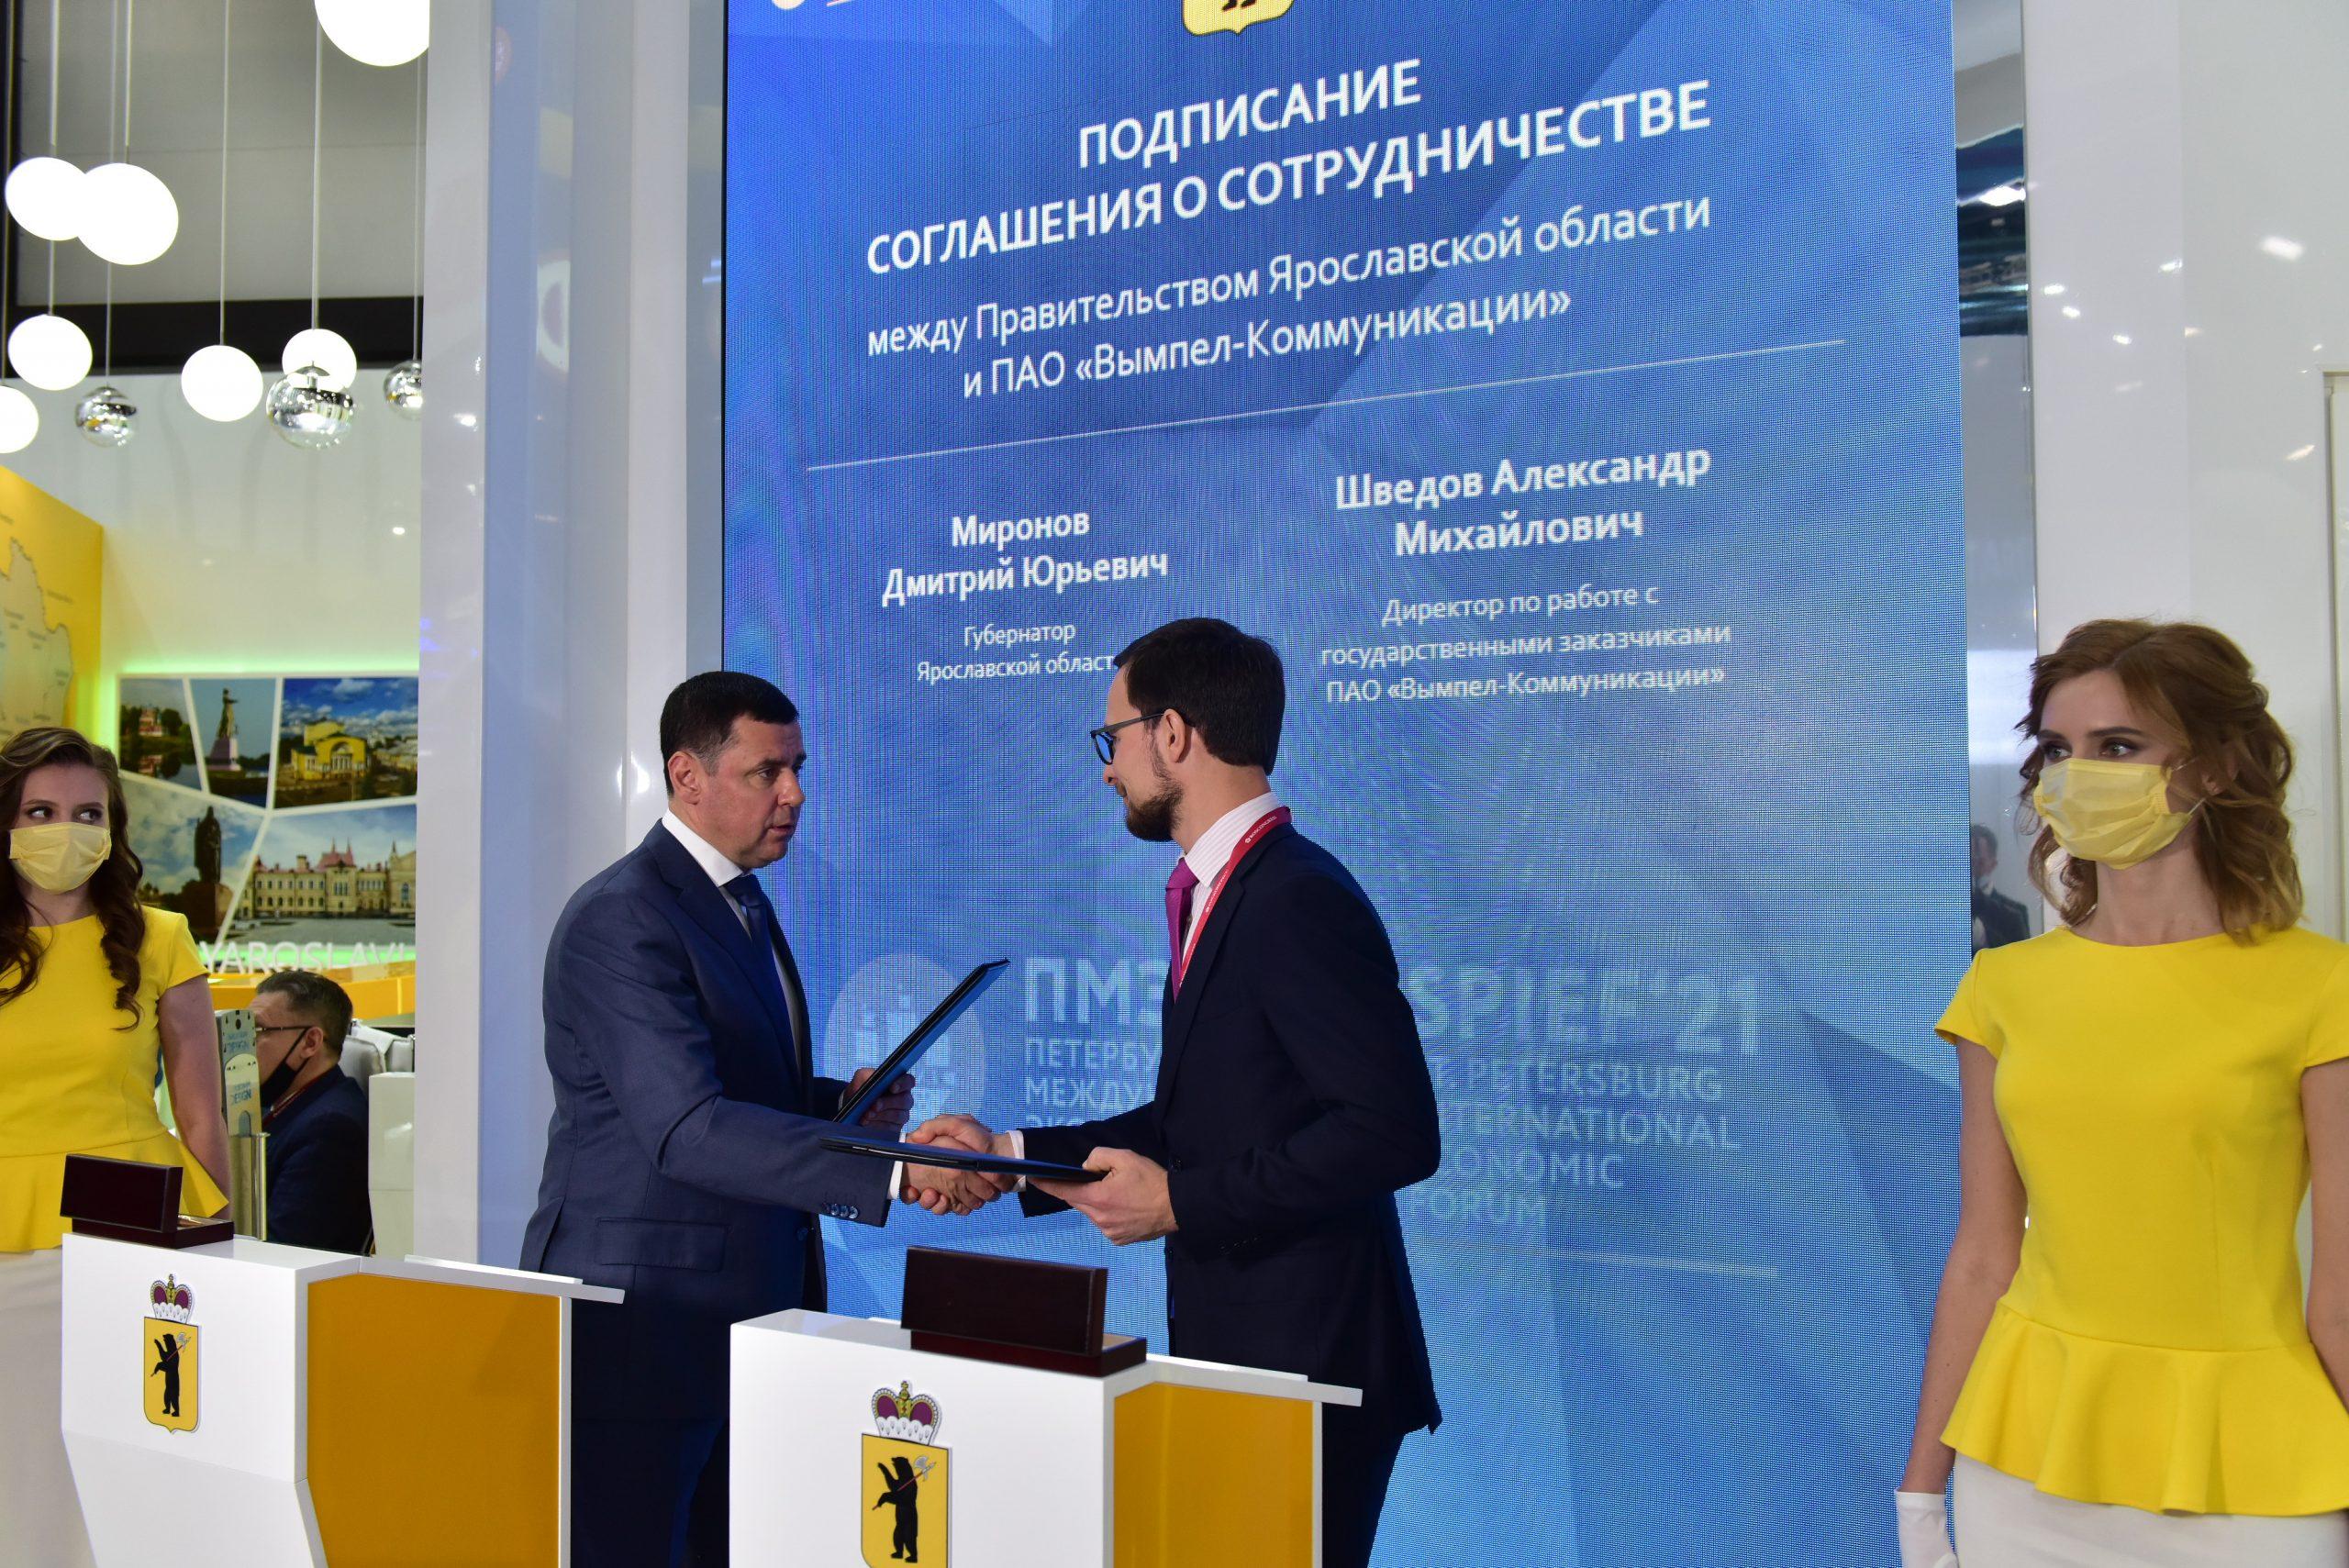 Билайн в Ярославской области инвестирует в развитие телекоммуникационной инфраструктуры 1